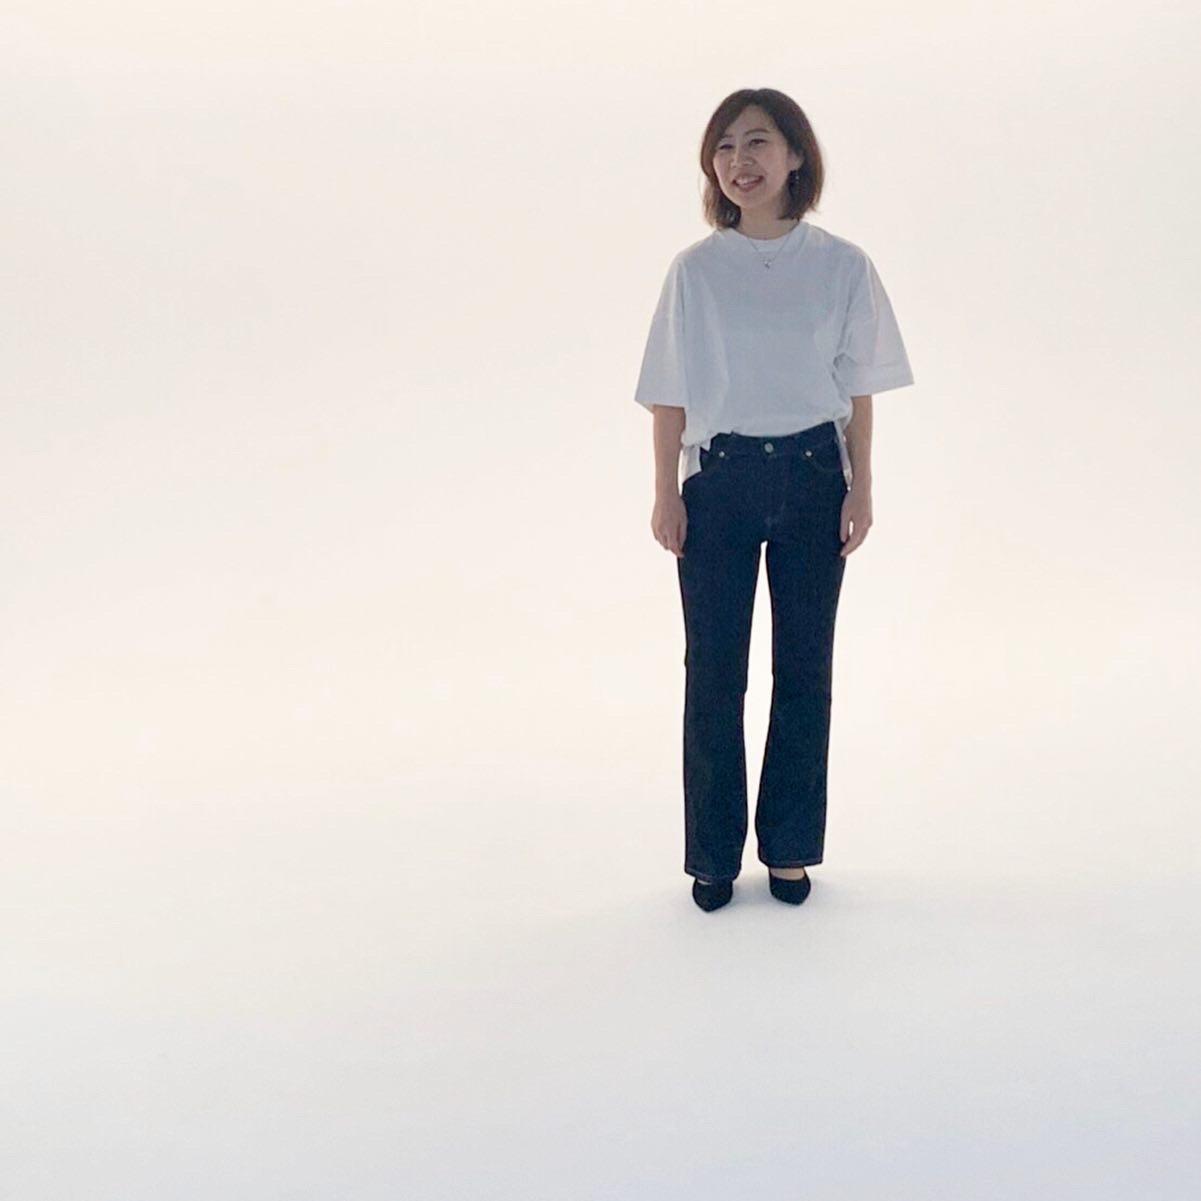 ときめきジーンズに出会ったことある!?着やせ企画で毎日はきたくなるジーンズとご対面_4